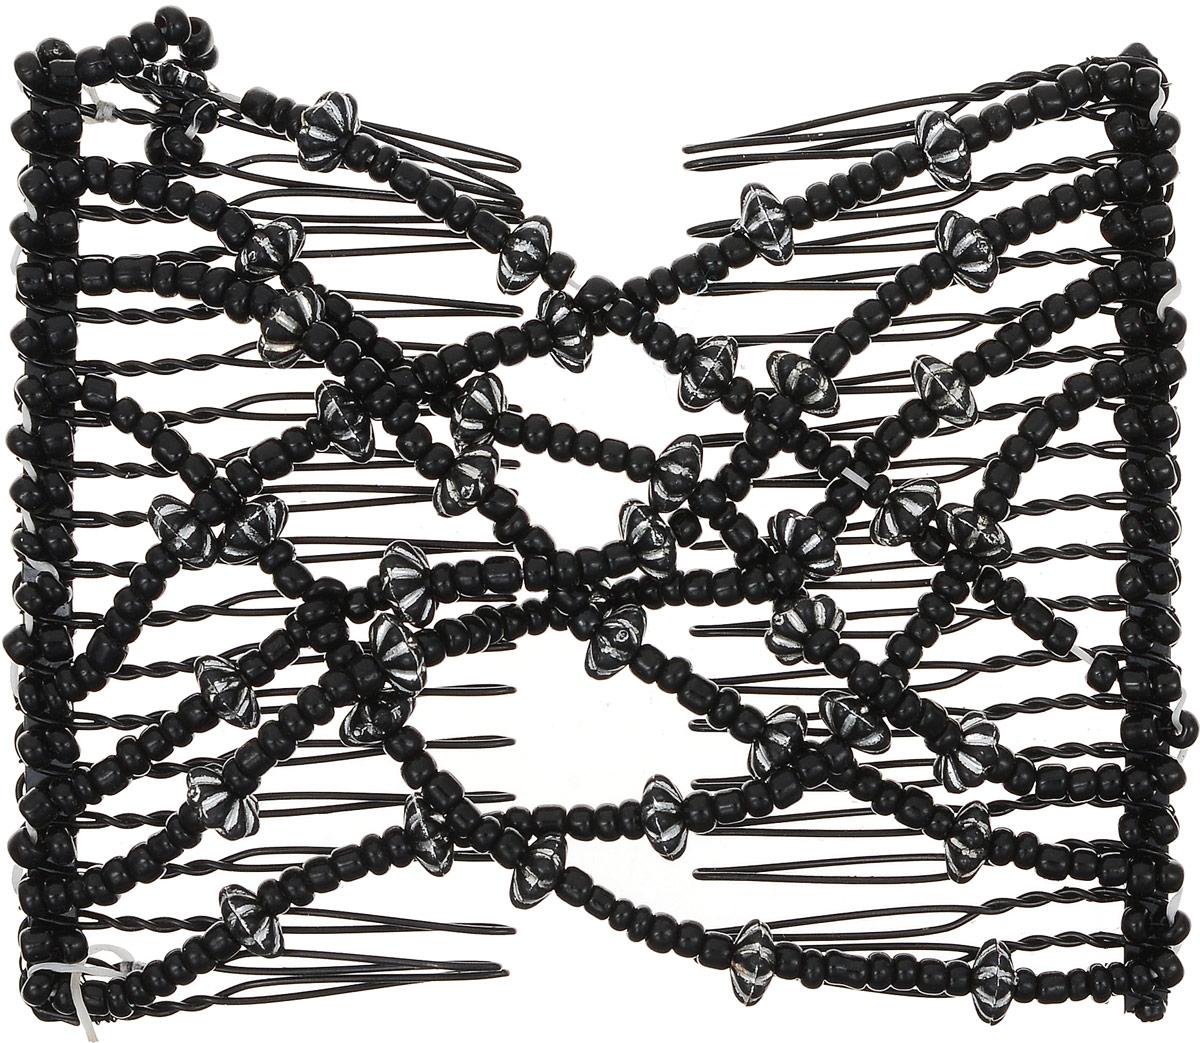 EZ-Combs Заколка Изи-Комбс, одинарная, цвет: черный. ЗИО_цветочки 2 ez combs заколка изи комбс одинарная цвет коричневый зио цветок с серебром